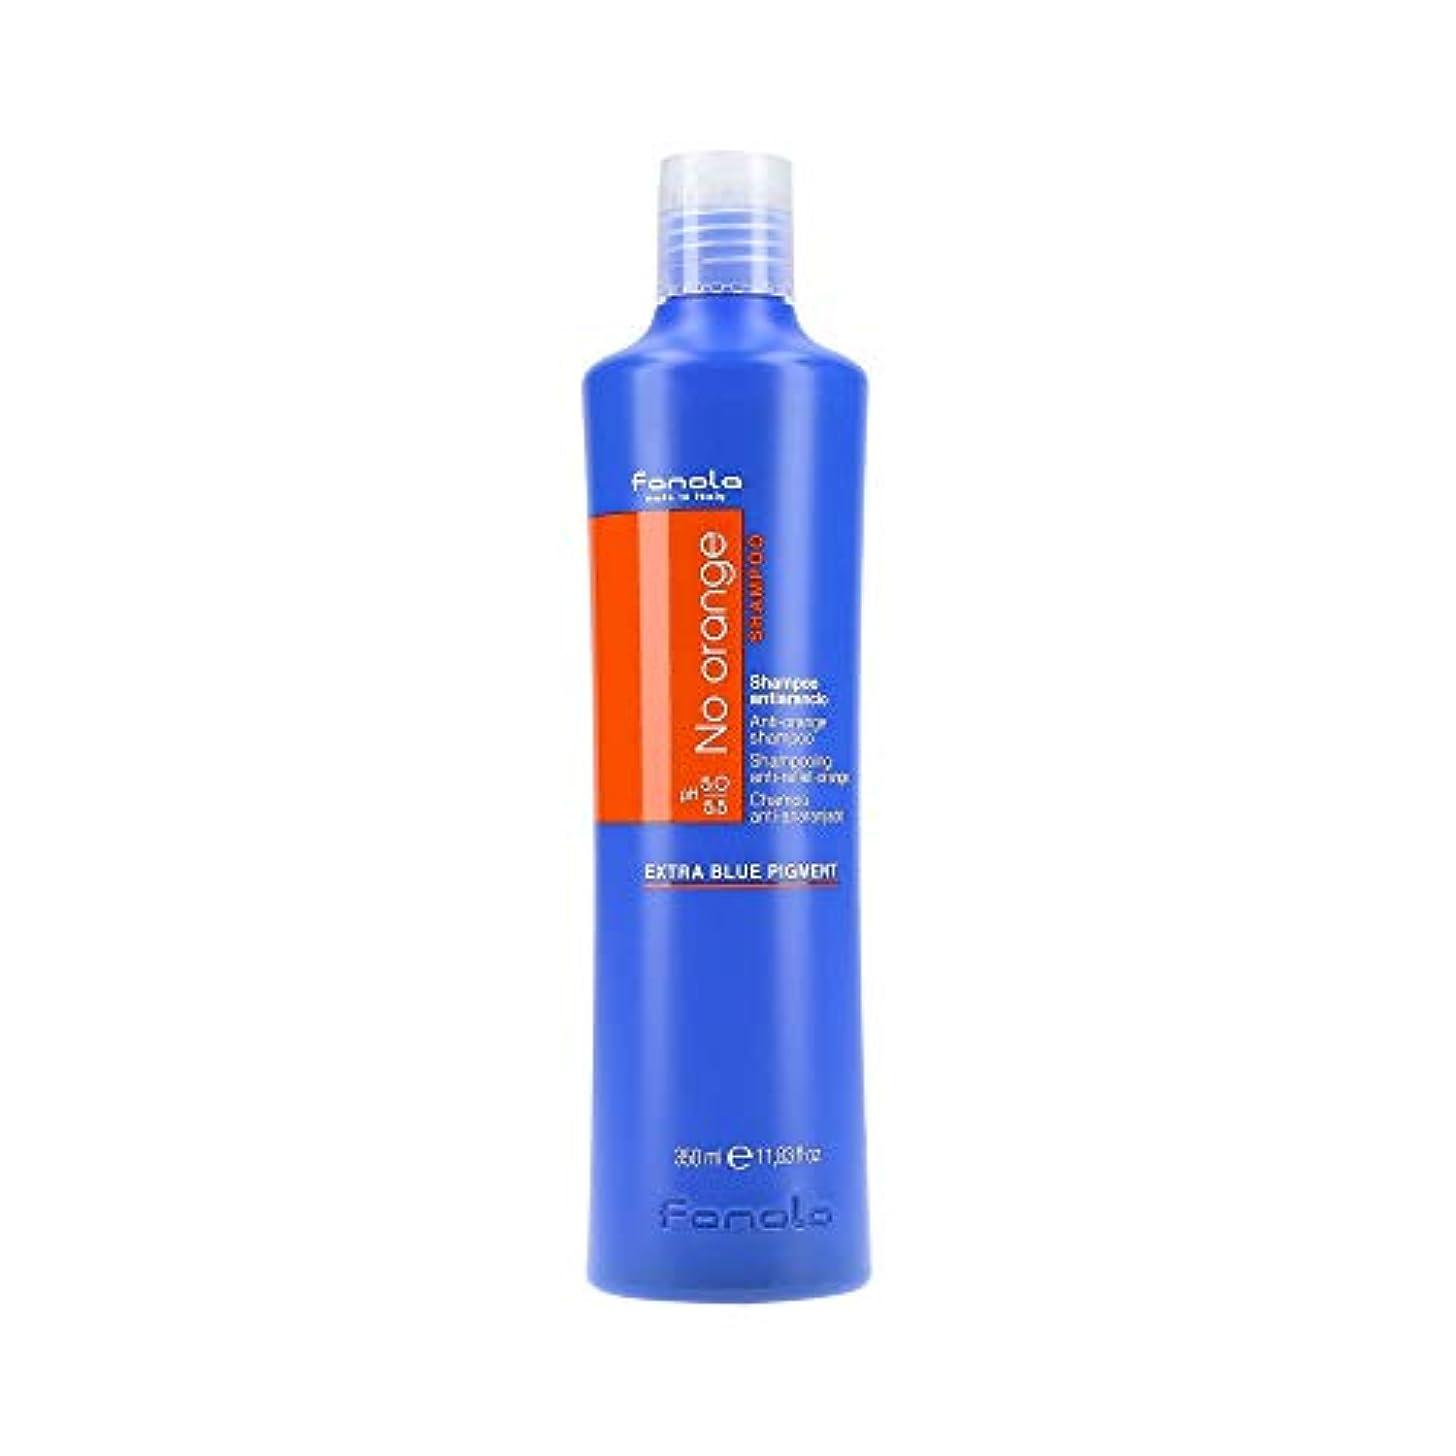 遠洋のリラックスキャンベラファノラ ノー オレンジ シャンプー Fanola No orange Shampoo - Anti-orange Shampoo 350 ml [並行輸入品]